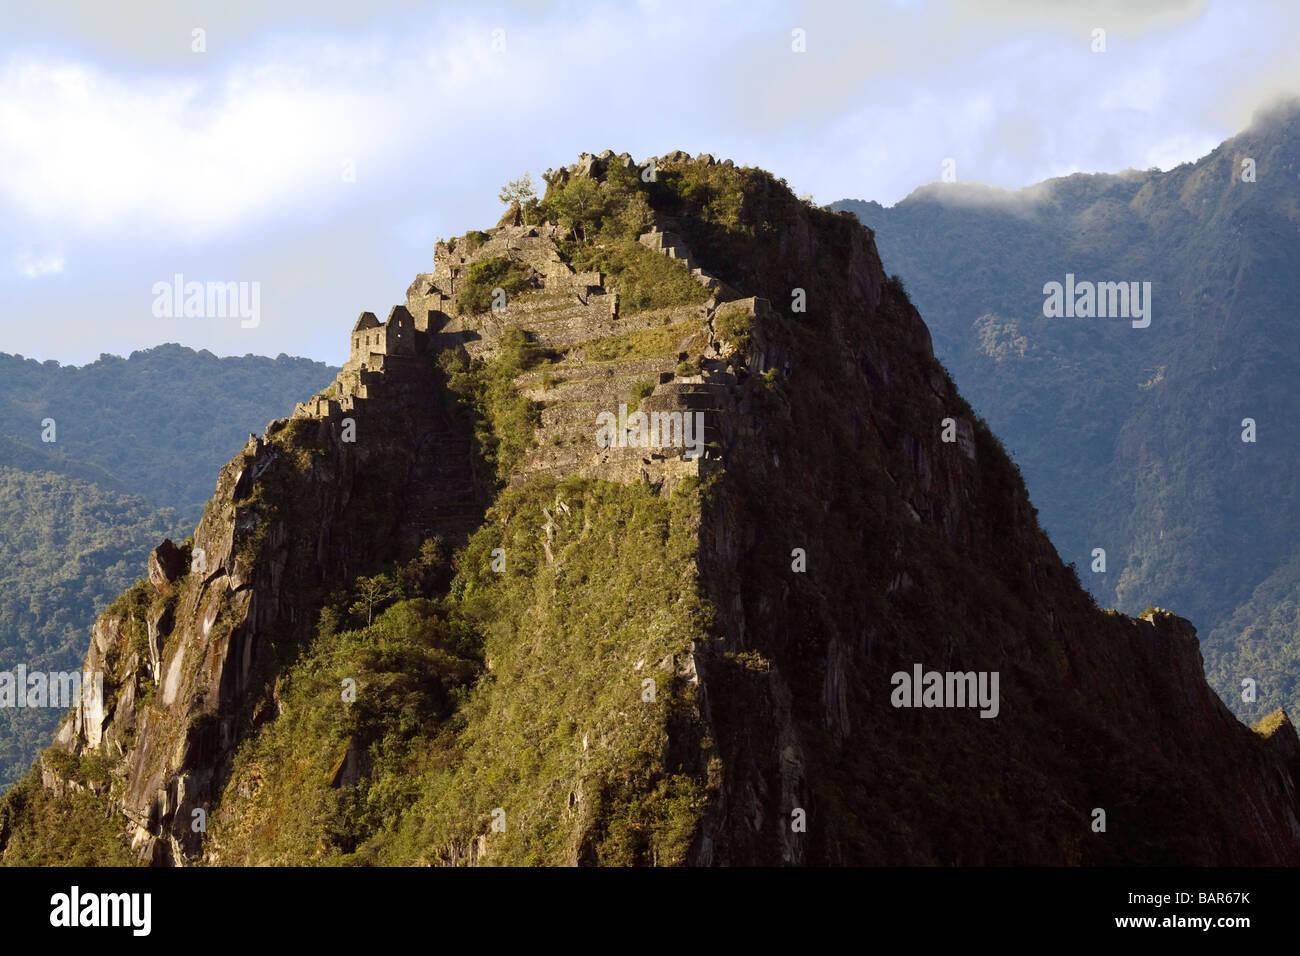 Huayna Picchu stands guard over Machu Picchu Peru - Stock Image